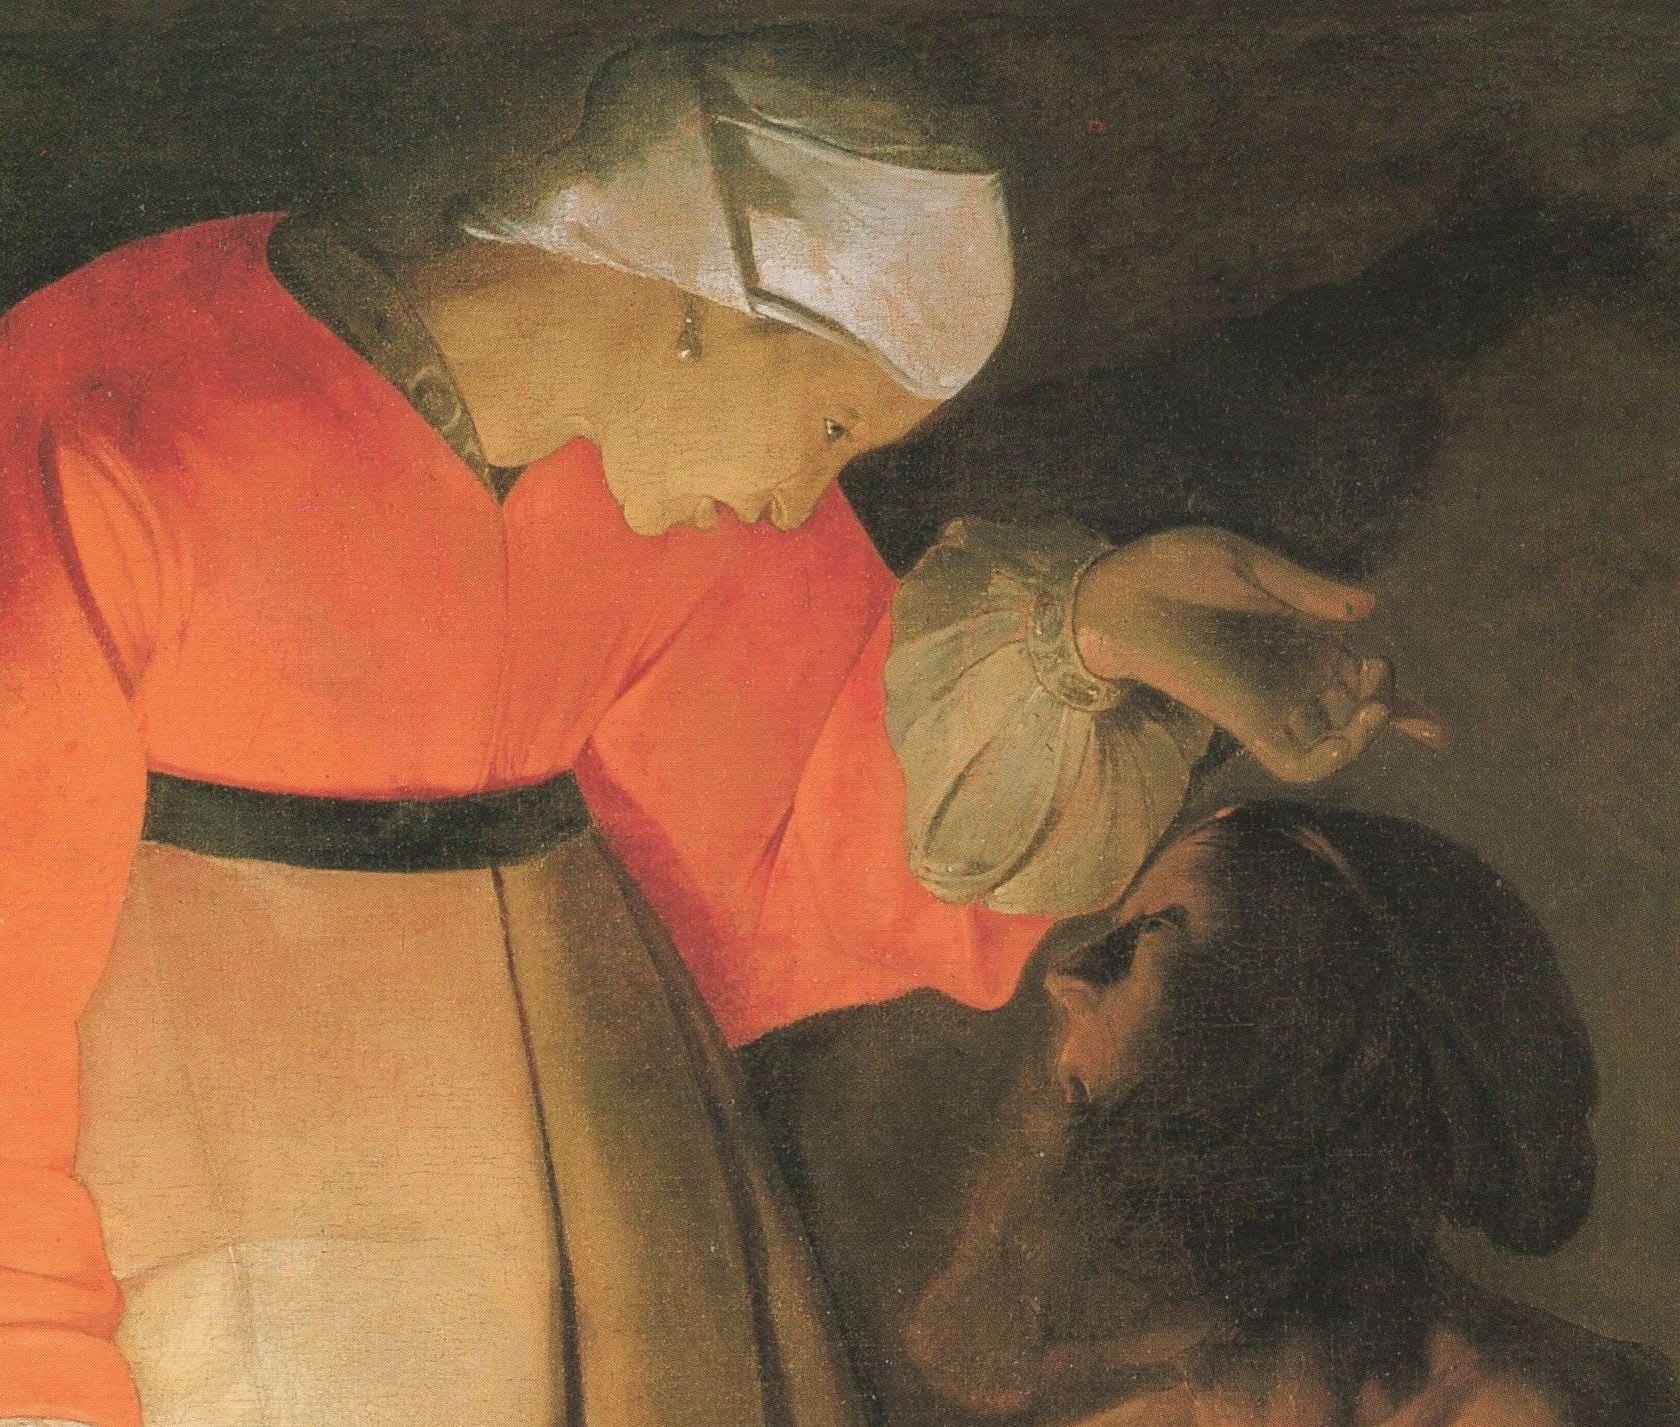 ジョルジュ・ド・ラ・トゥールの画像 p1_35